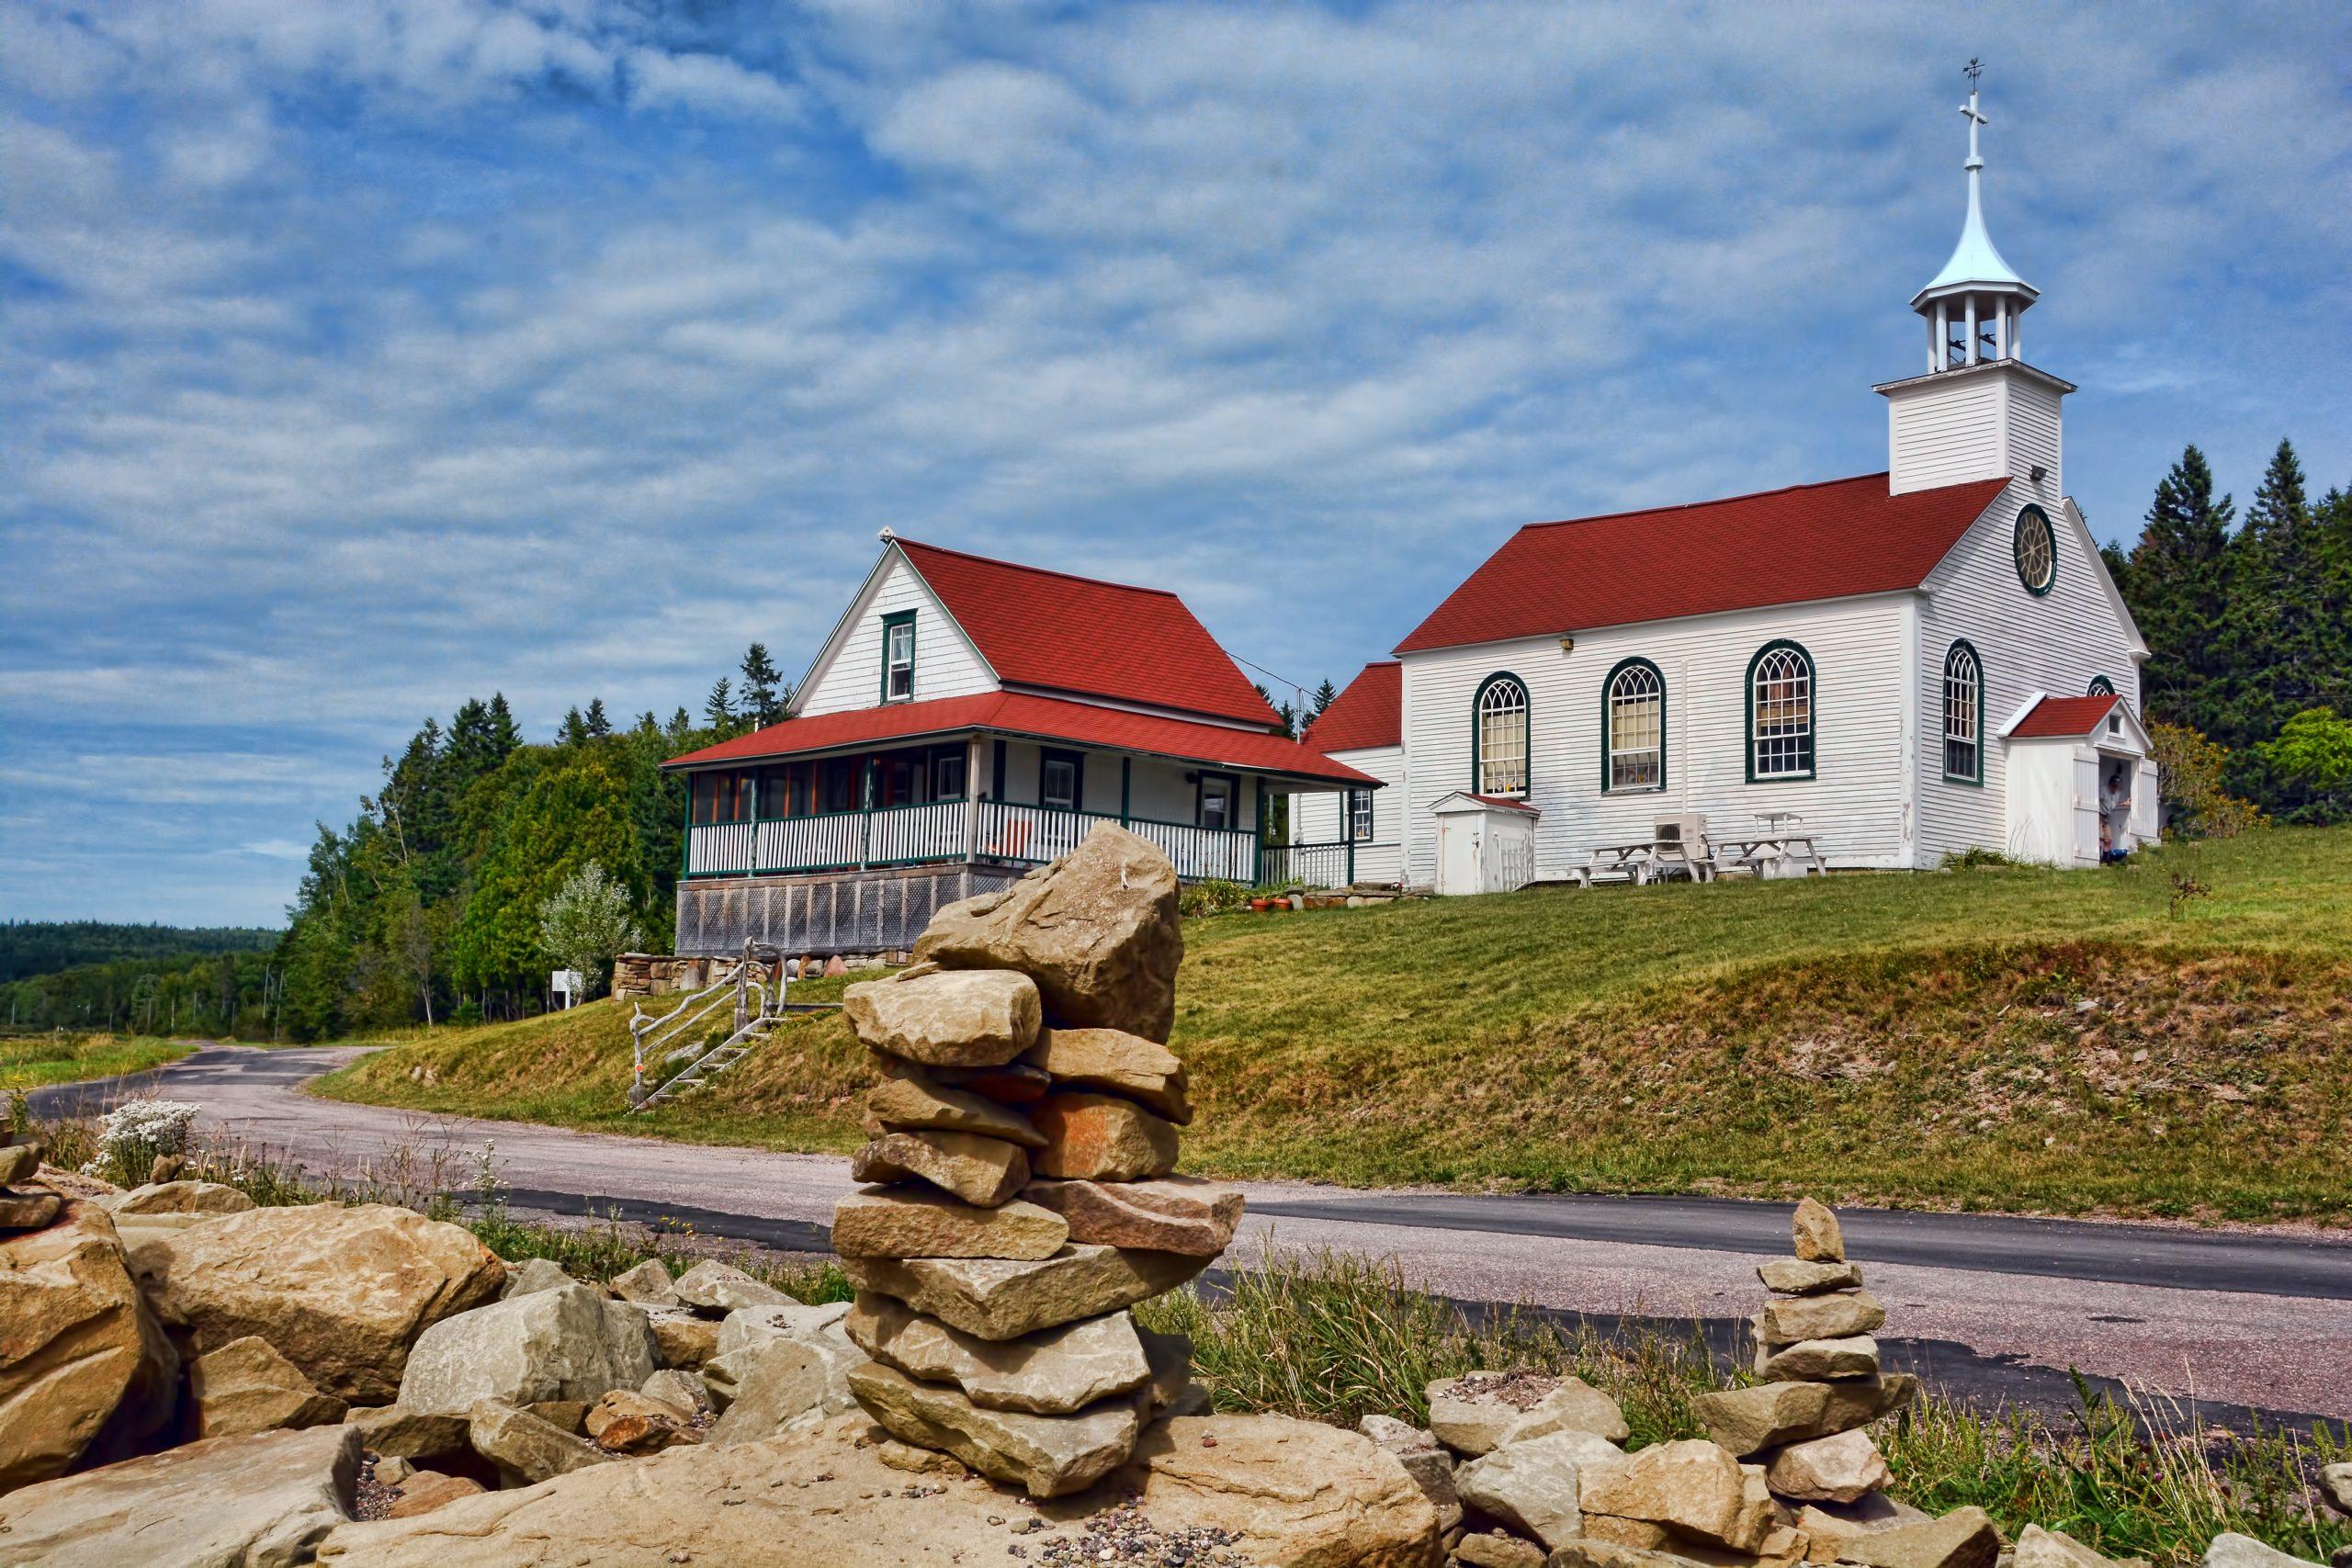 Canada Plaza - Giới thiệu tỉnh bang New Brunswick 1